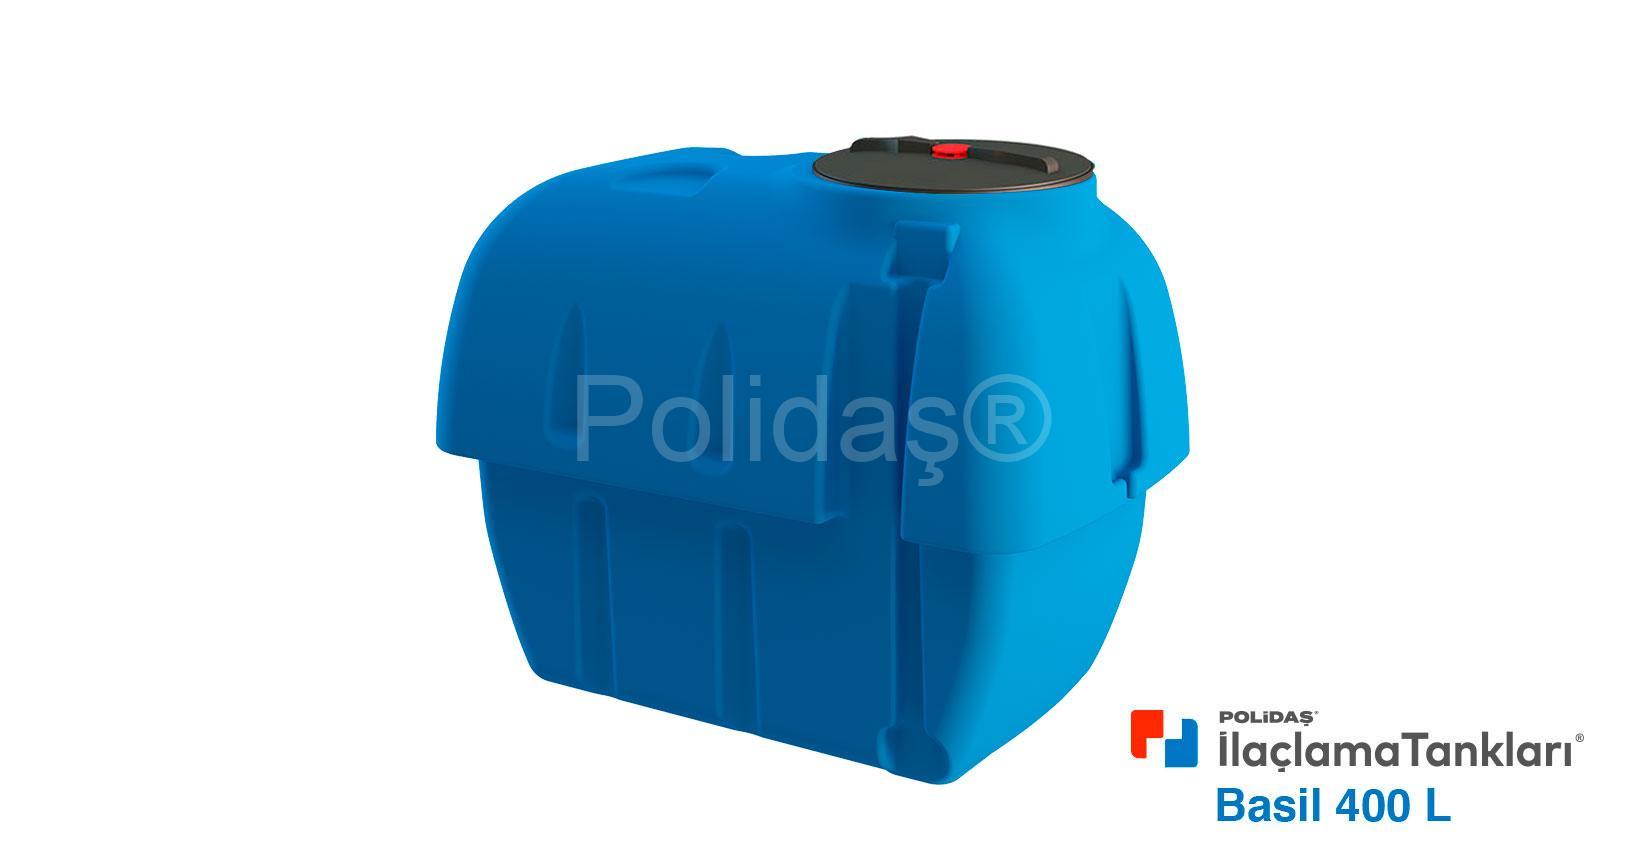 ilaclama-tanki-basil400-2